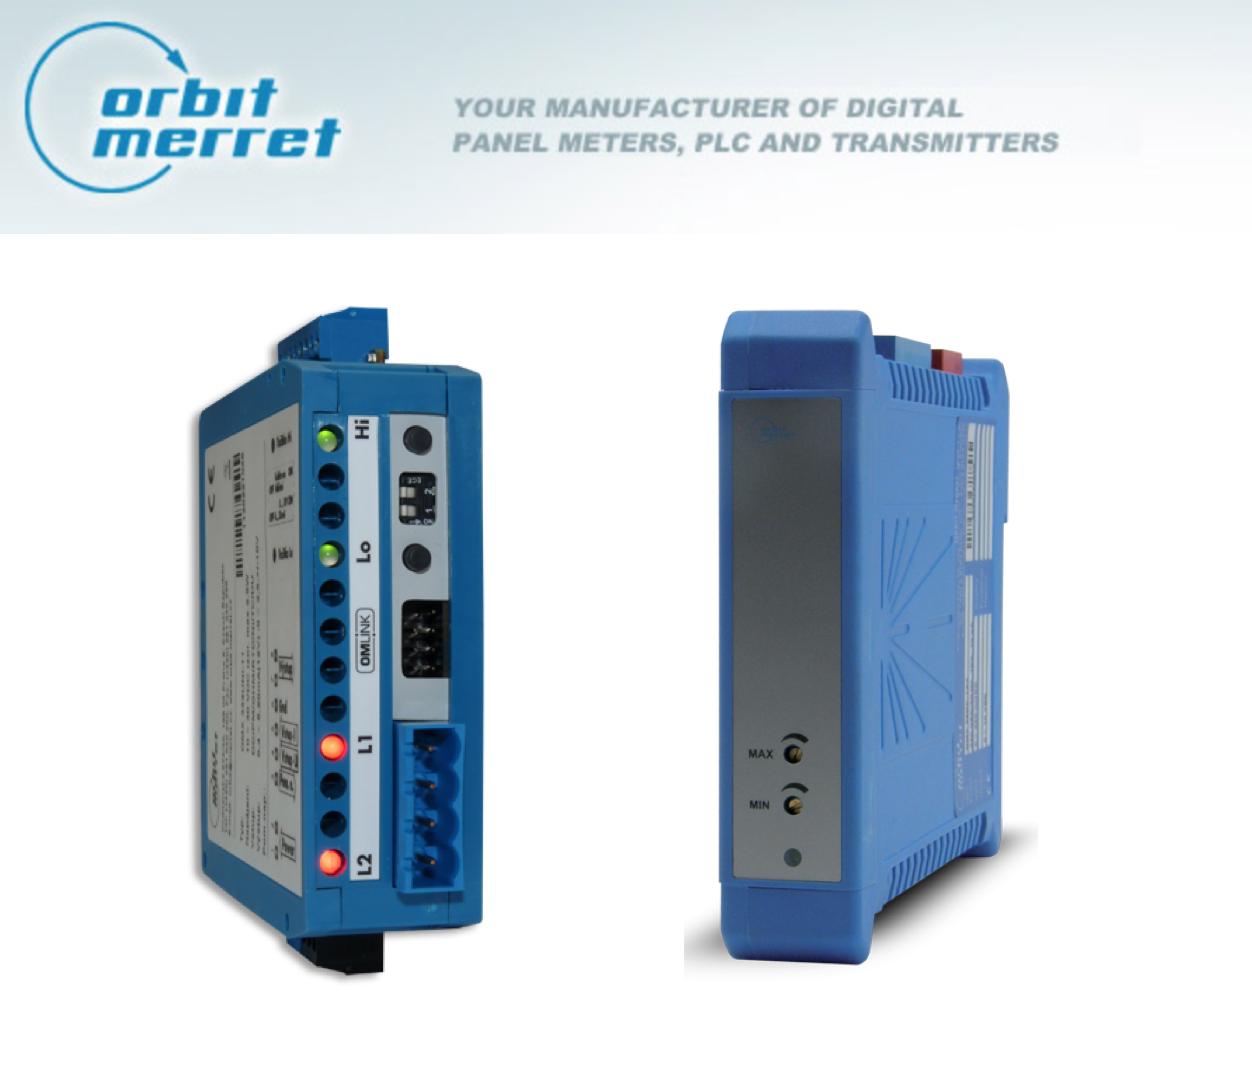 Bộ chuyển đổi tín hiệu cảm biến PT100 - OMX39RTD